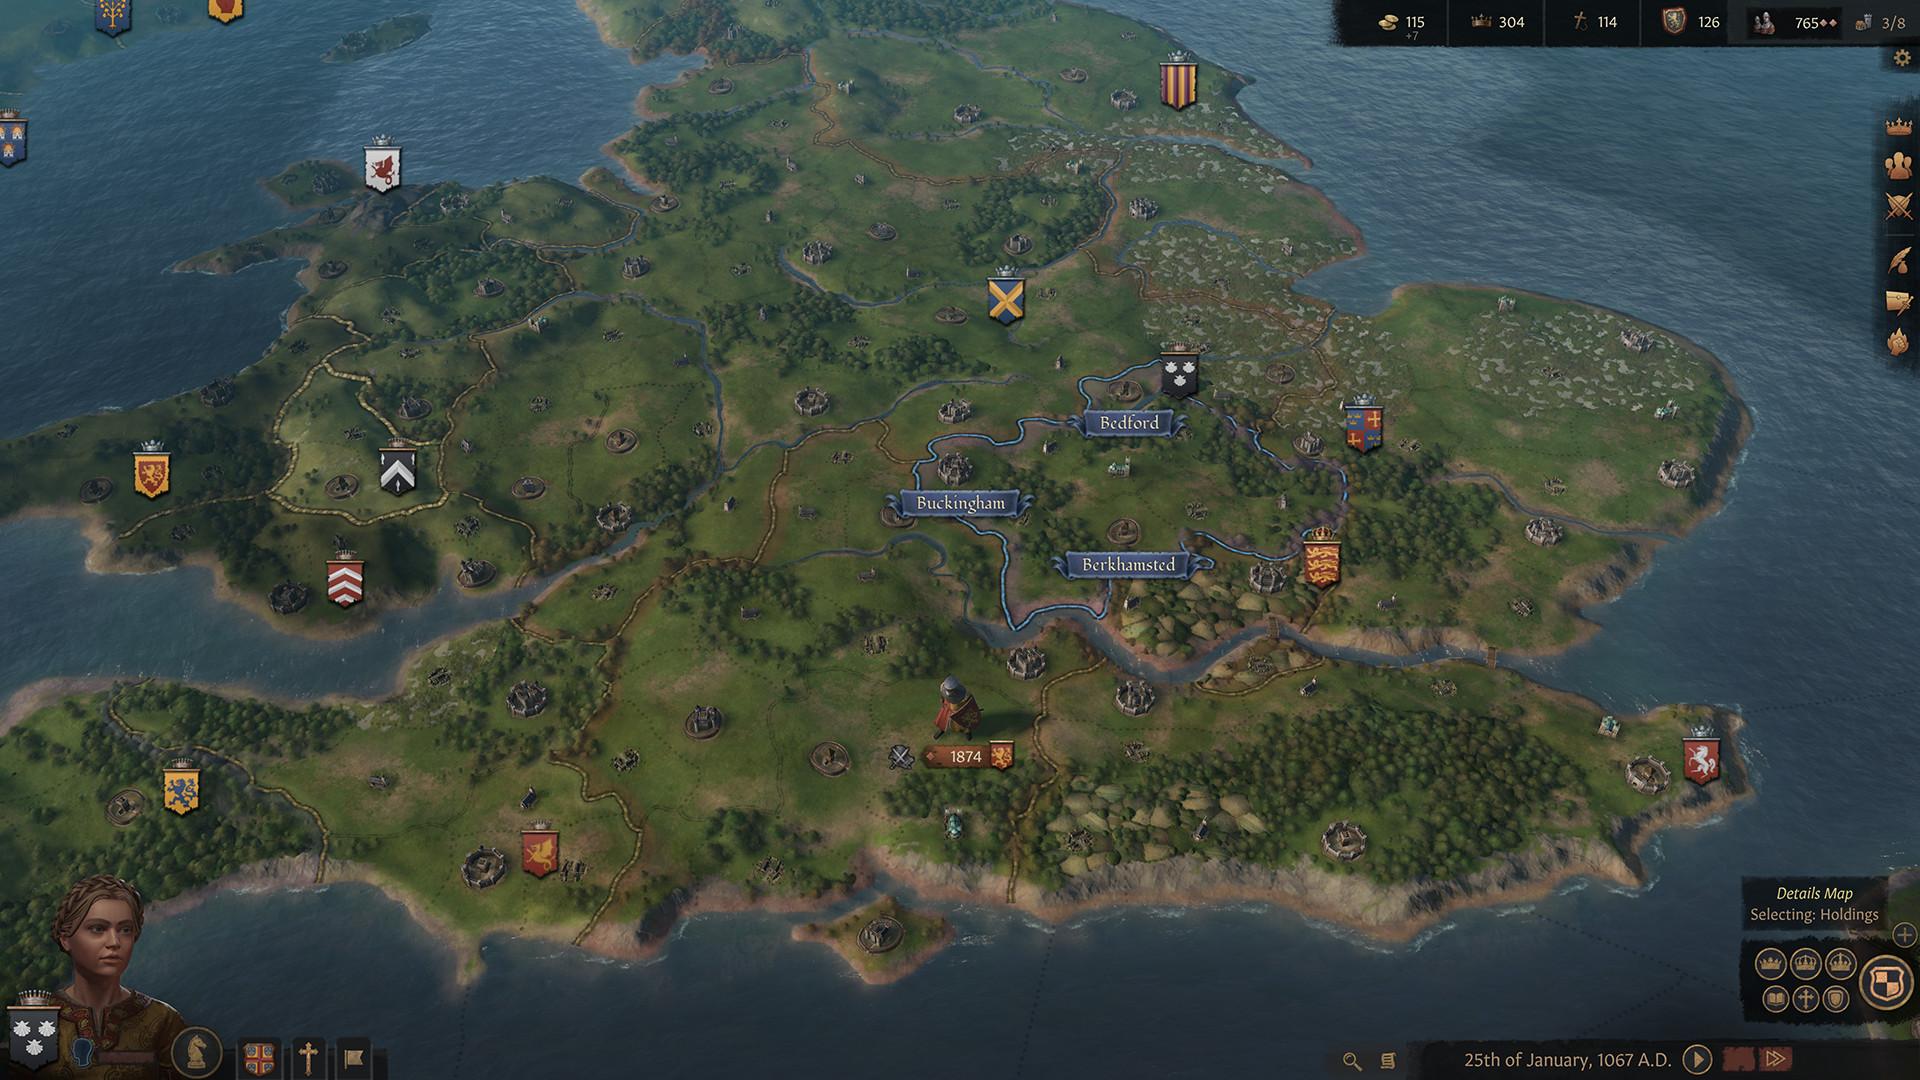 《十字军之王3》上架Steam:自带简体中文、首批细节公布《十字军之王3》上架Steam:自带简体中文、首批细节公布